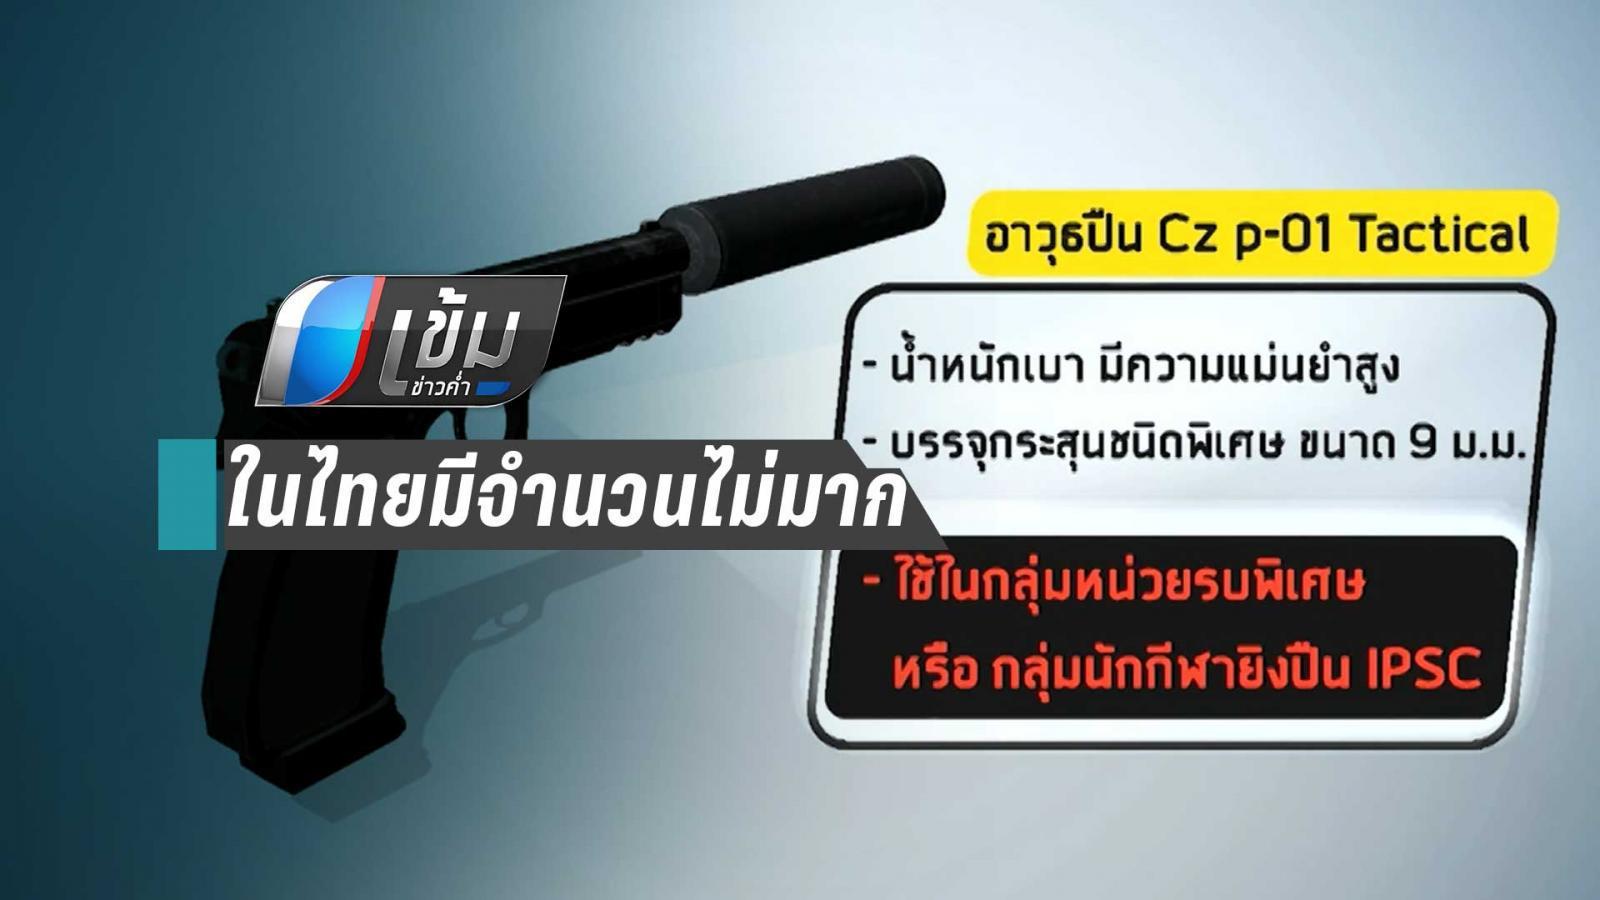 """ผู้เชี่ยวชาญปืน มั่นใจ """"ปืน CZ P-01"""" โจรยิง 3 ศพชิงทองลพบุรี จำกัดวงคนใช้ได้"""